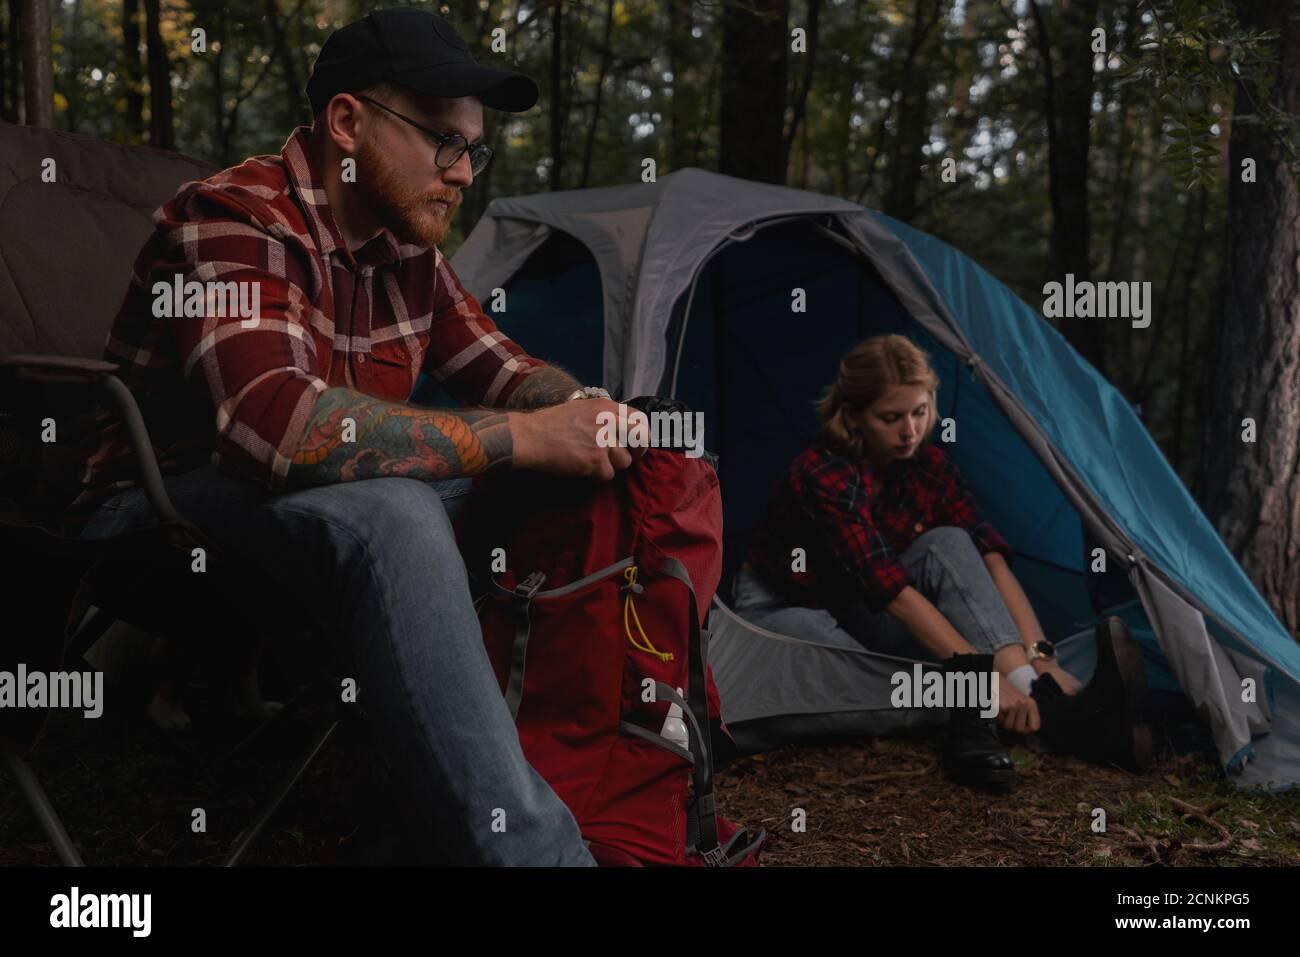 Couple de randonnée tirant la tente et tirant les choses hors de sac à dos. Histoire d'amour dans la forêt au paysage naturel, contient bruit de chrominance, luminance Banque D'Images